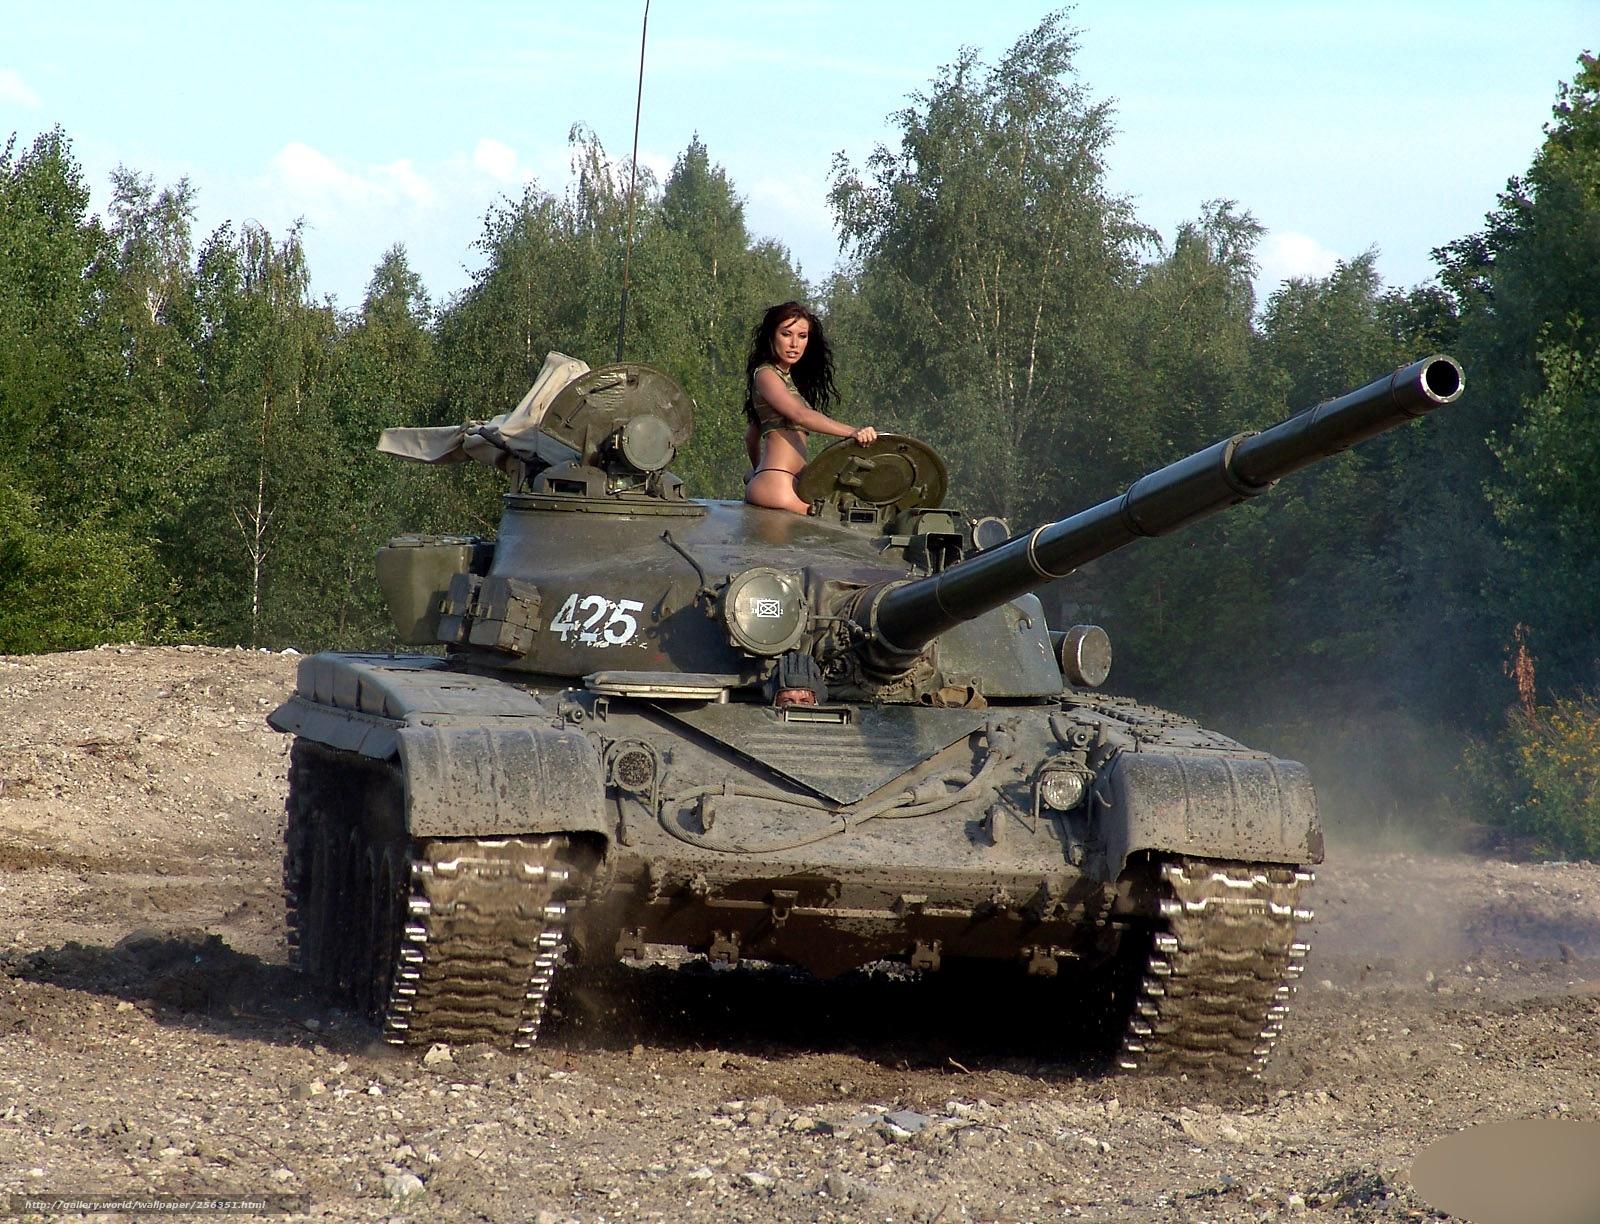 техника, мощь, танки, 1600x1224 картинки ...: hq-pictures.ru/оружие-военная-техника-мощь...